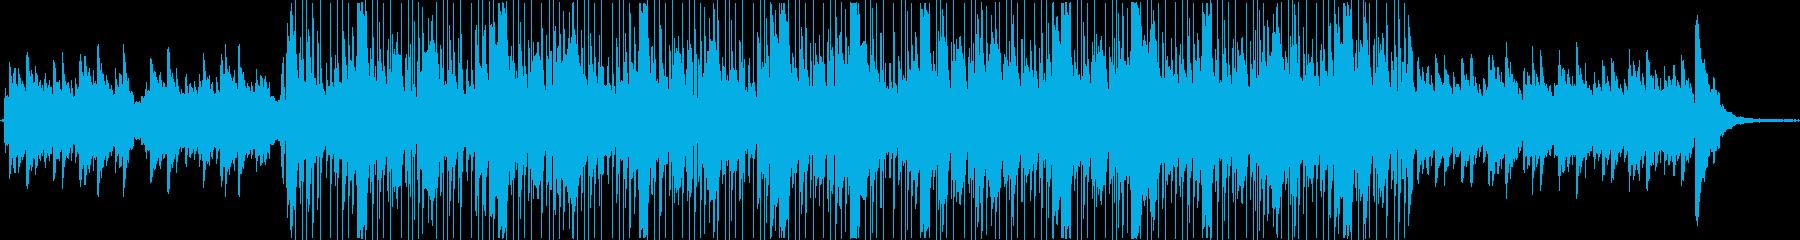 不思議な雰囲気のエレクトロニカ風BGMの再生済みの波形